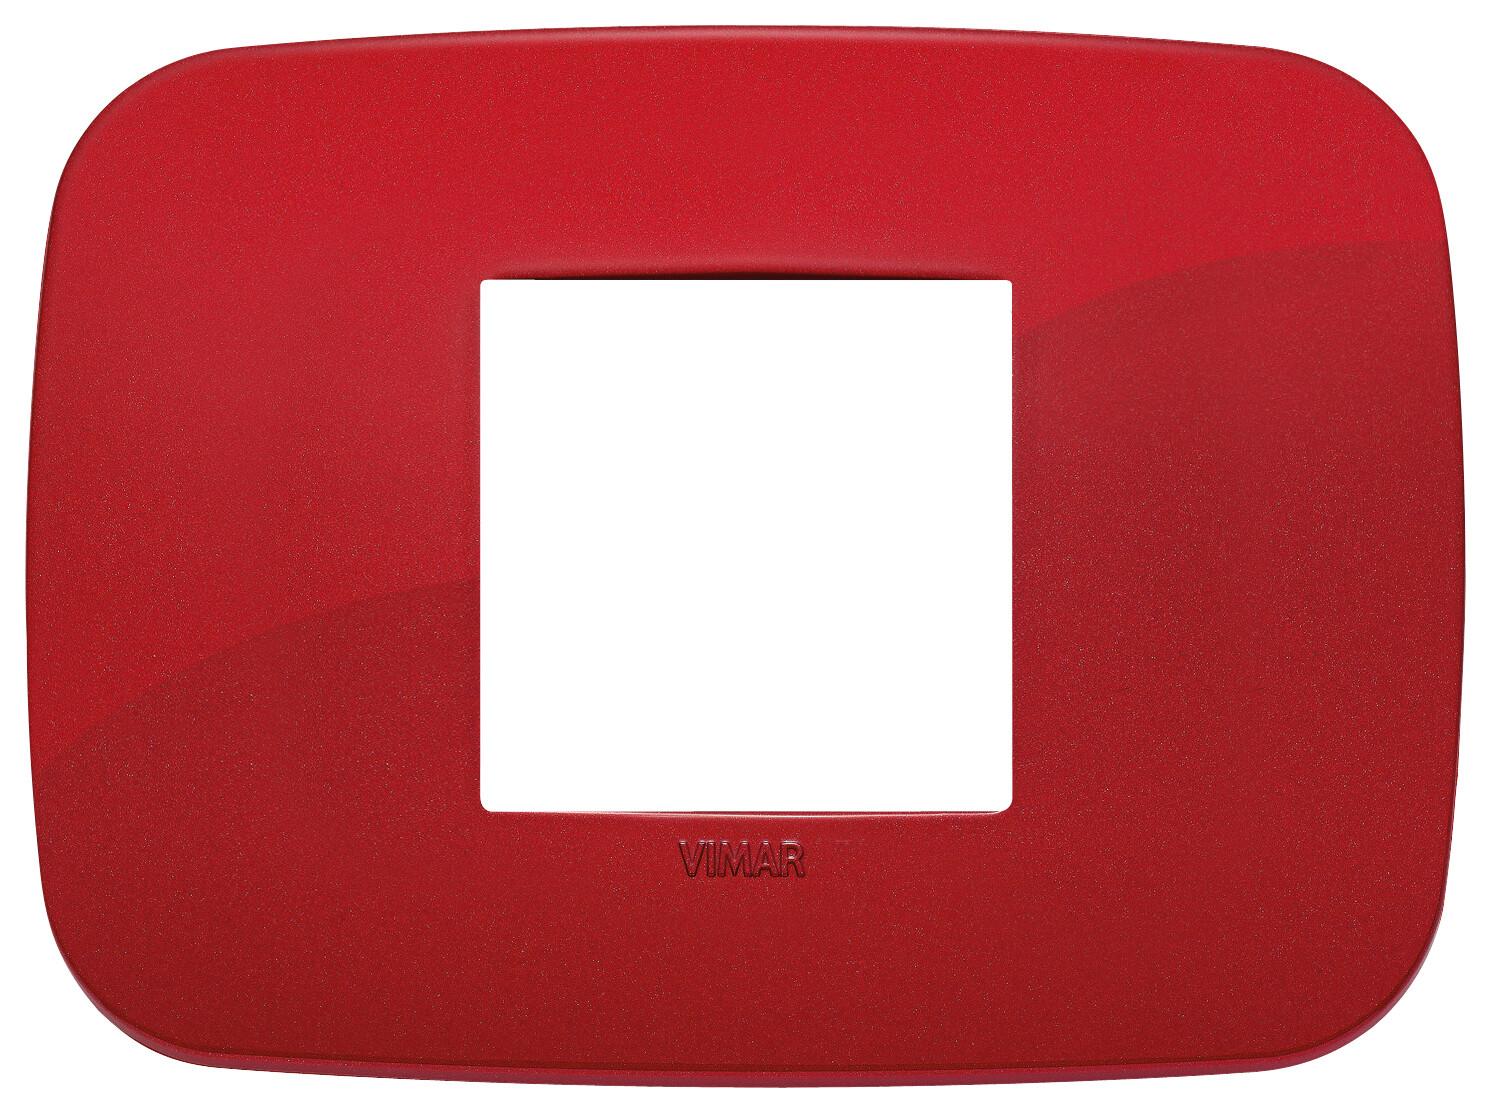 Накладка ROUND на 2 модуля центрально красная